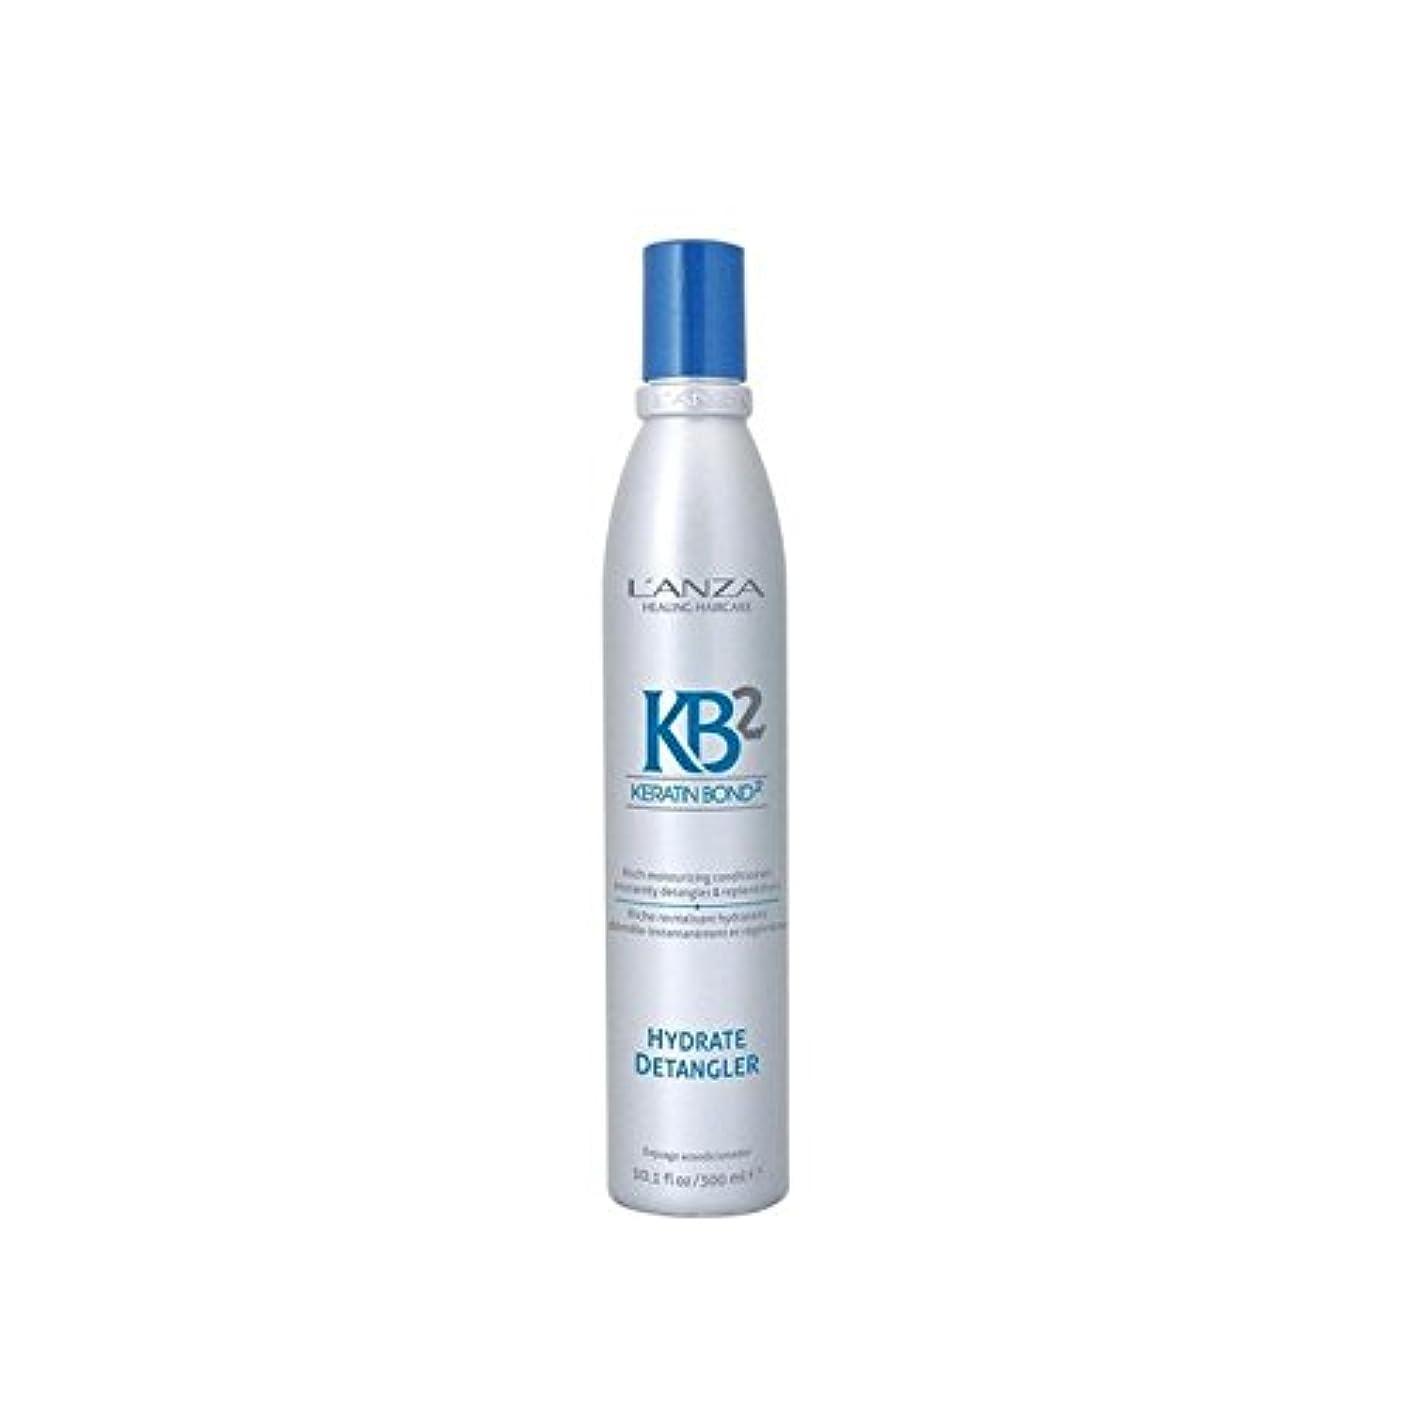 めまいレシピそれるL'Anza Kb2 Hydrate Detangler (300ml) - アンザ2和物(300ミリリットル) [並行輸入品]